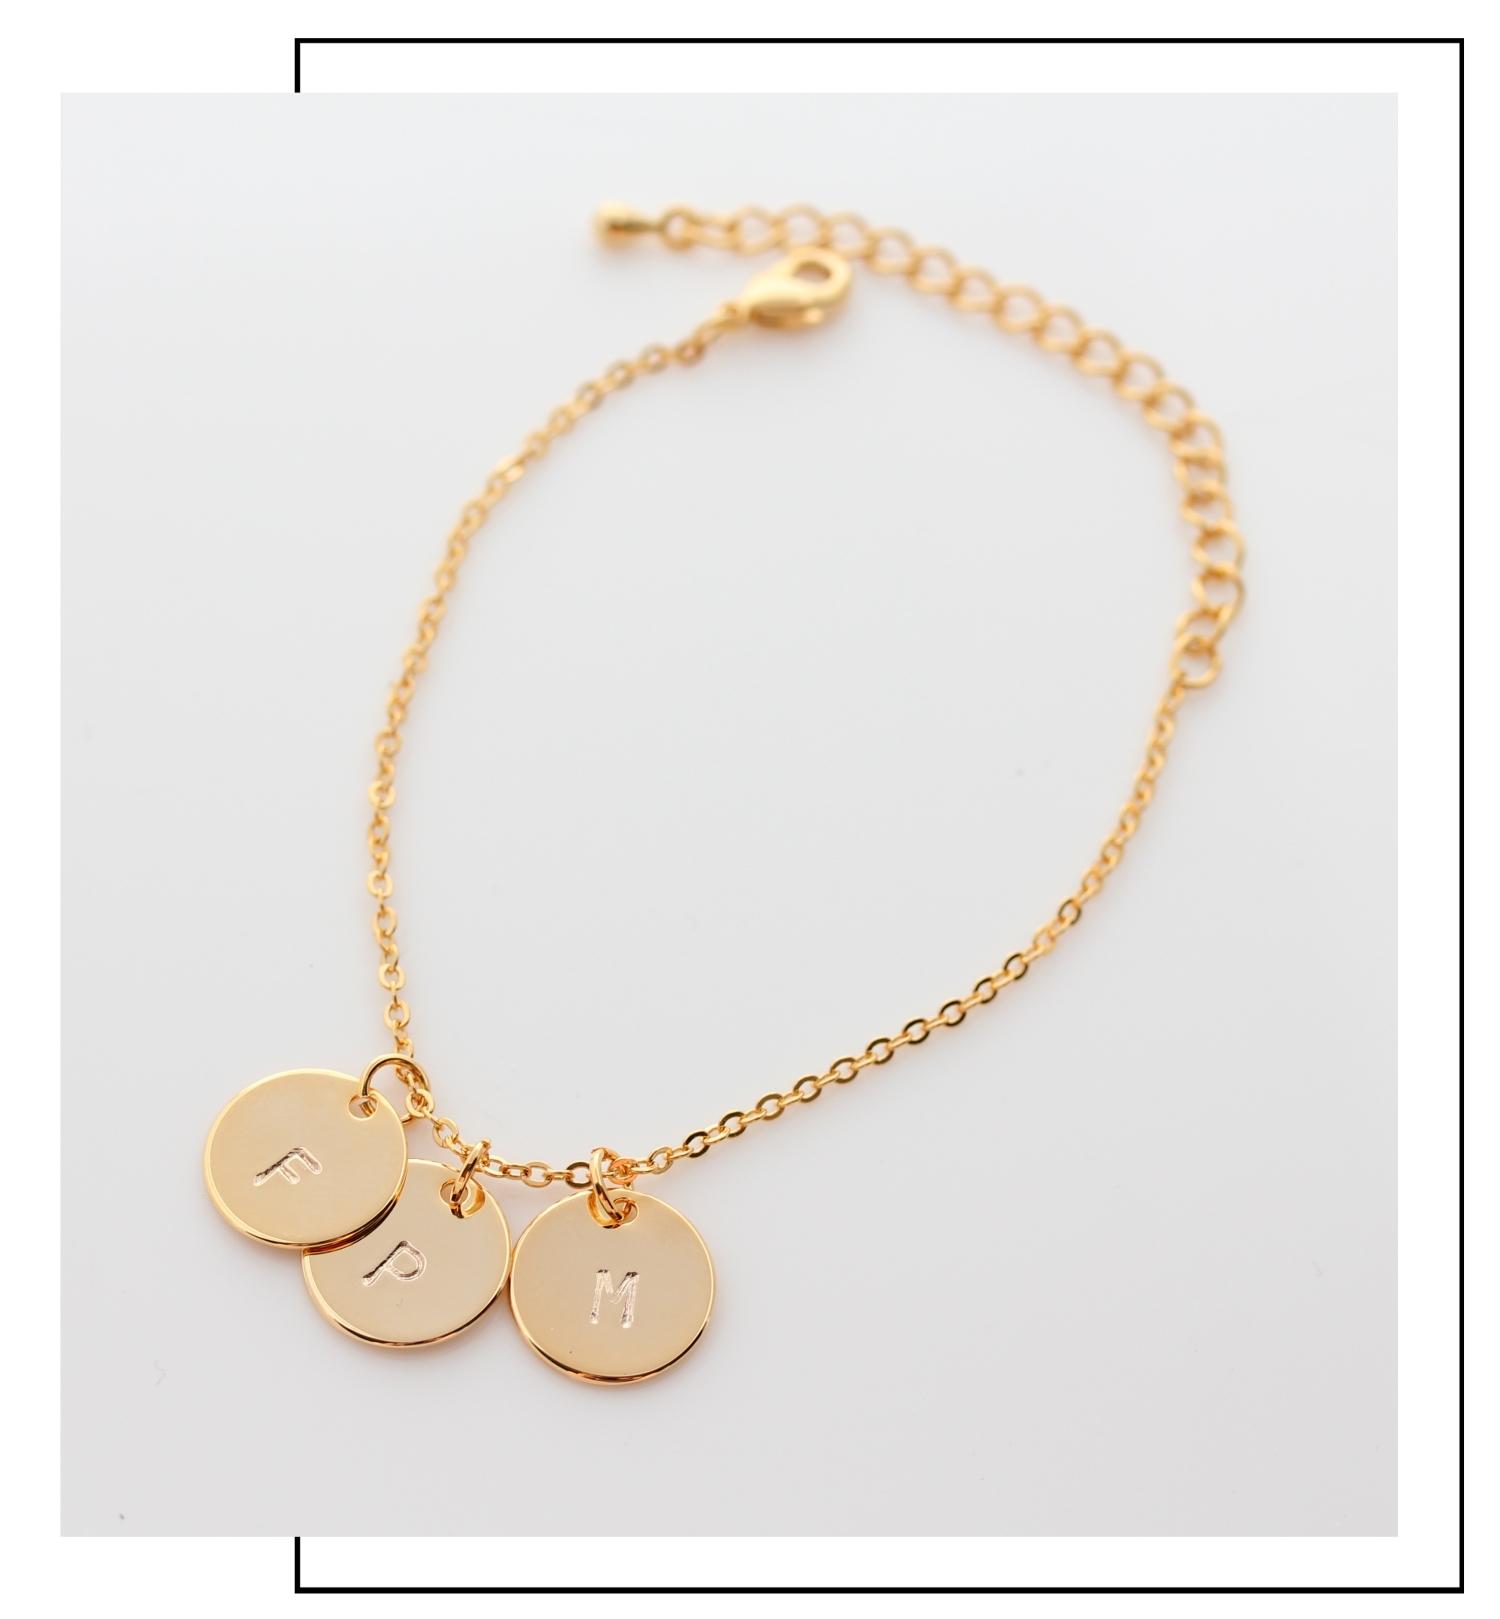 Armband mit Goldplättchen Madeleine Issing